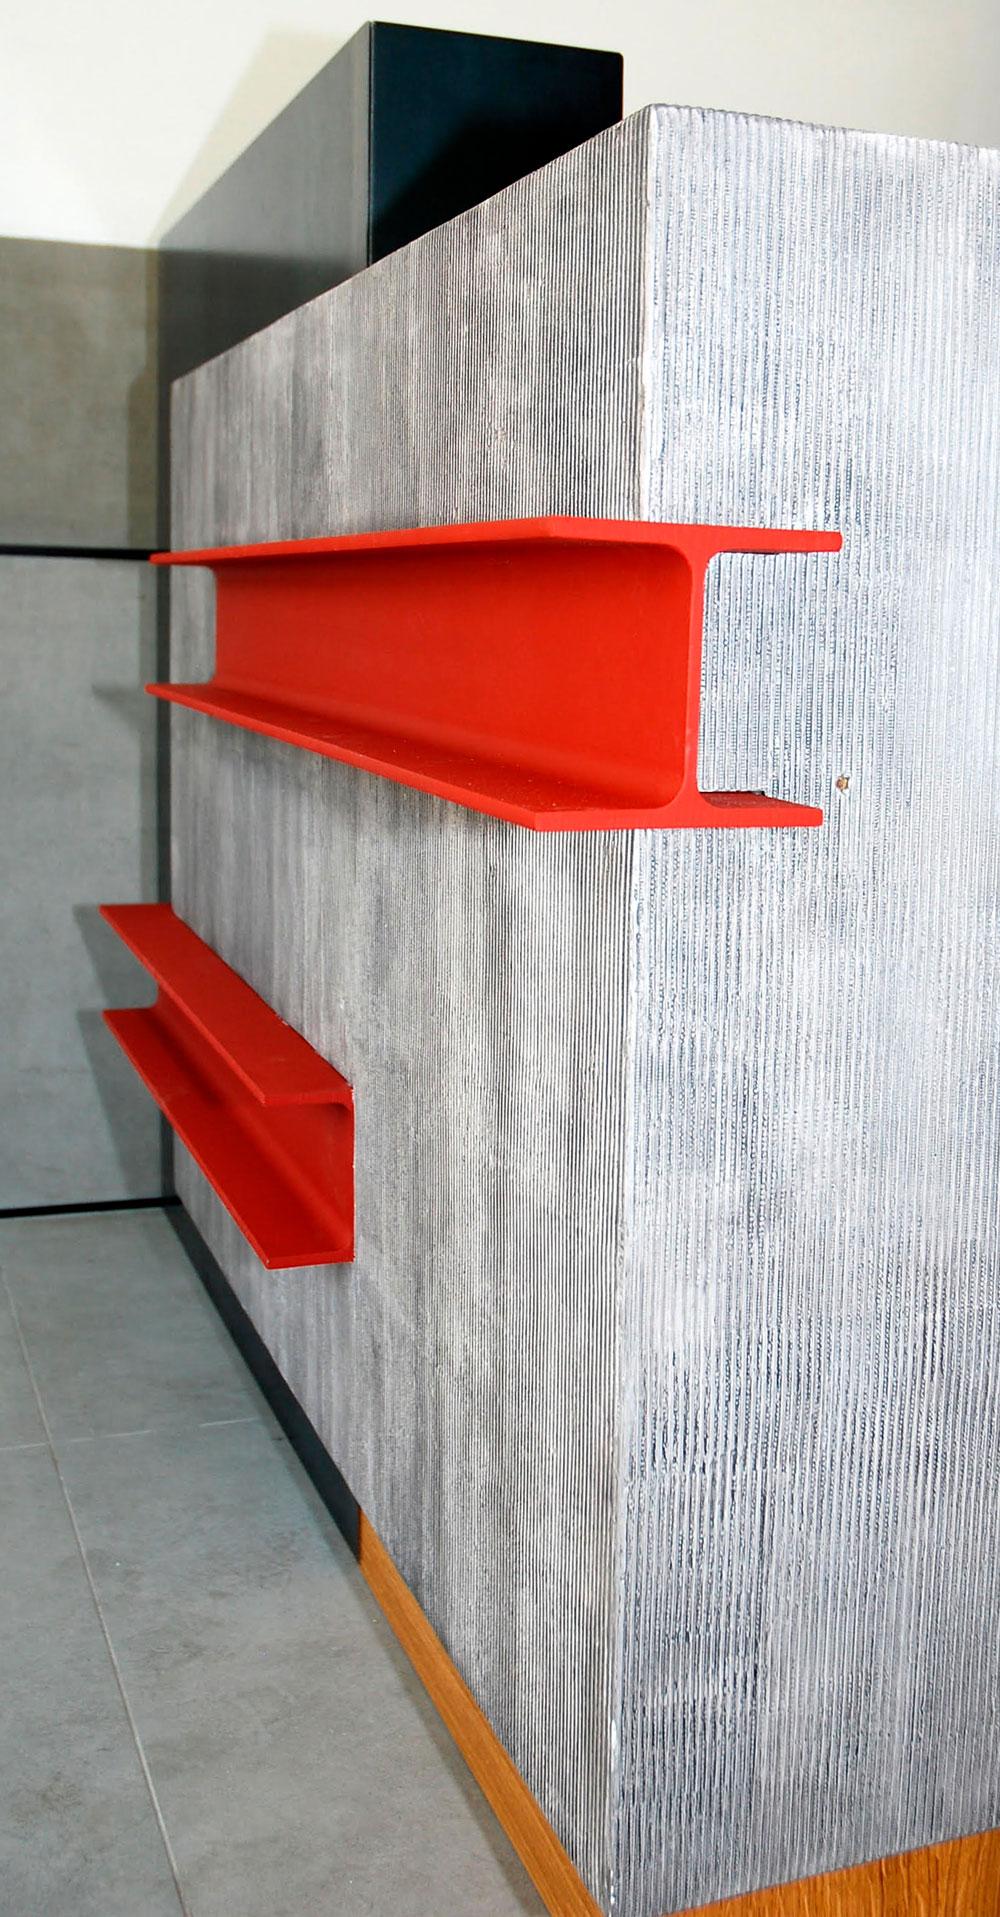 Antonella-Gnetti-Desk-Accoglienza-04